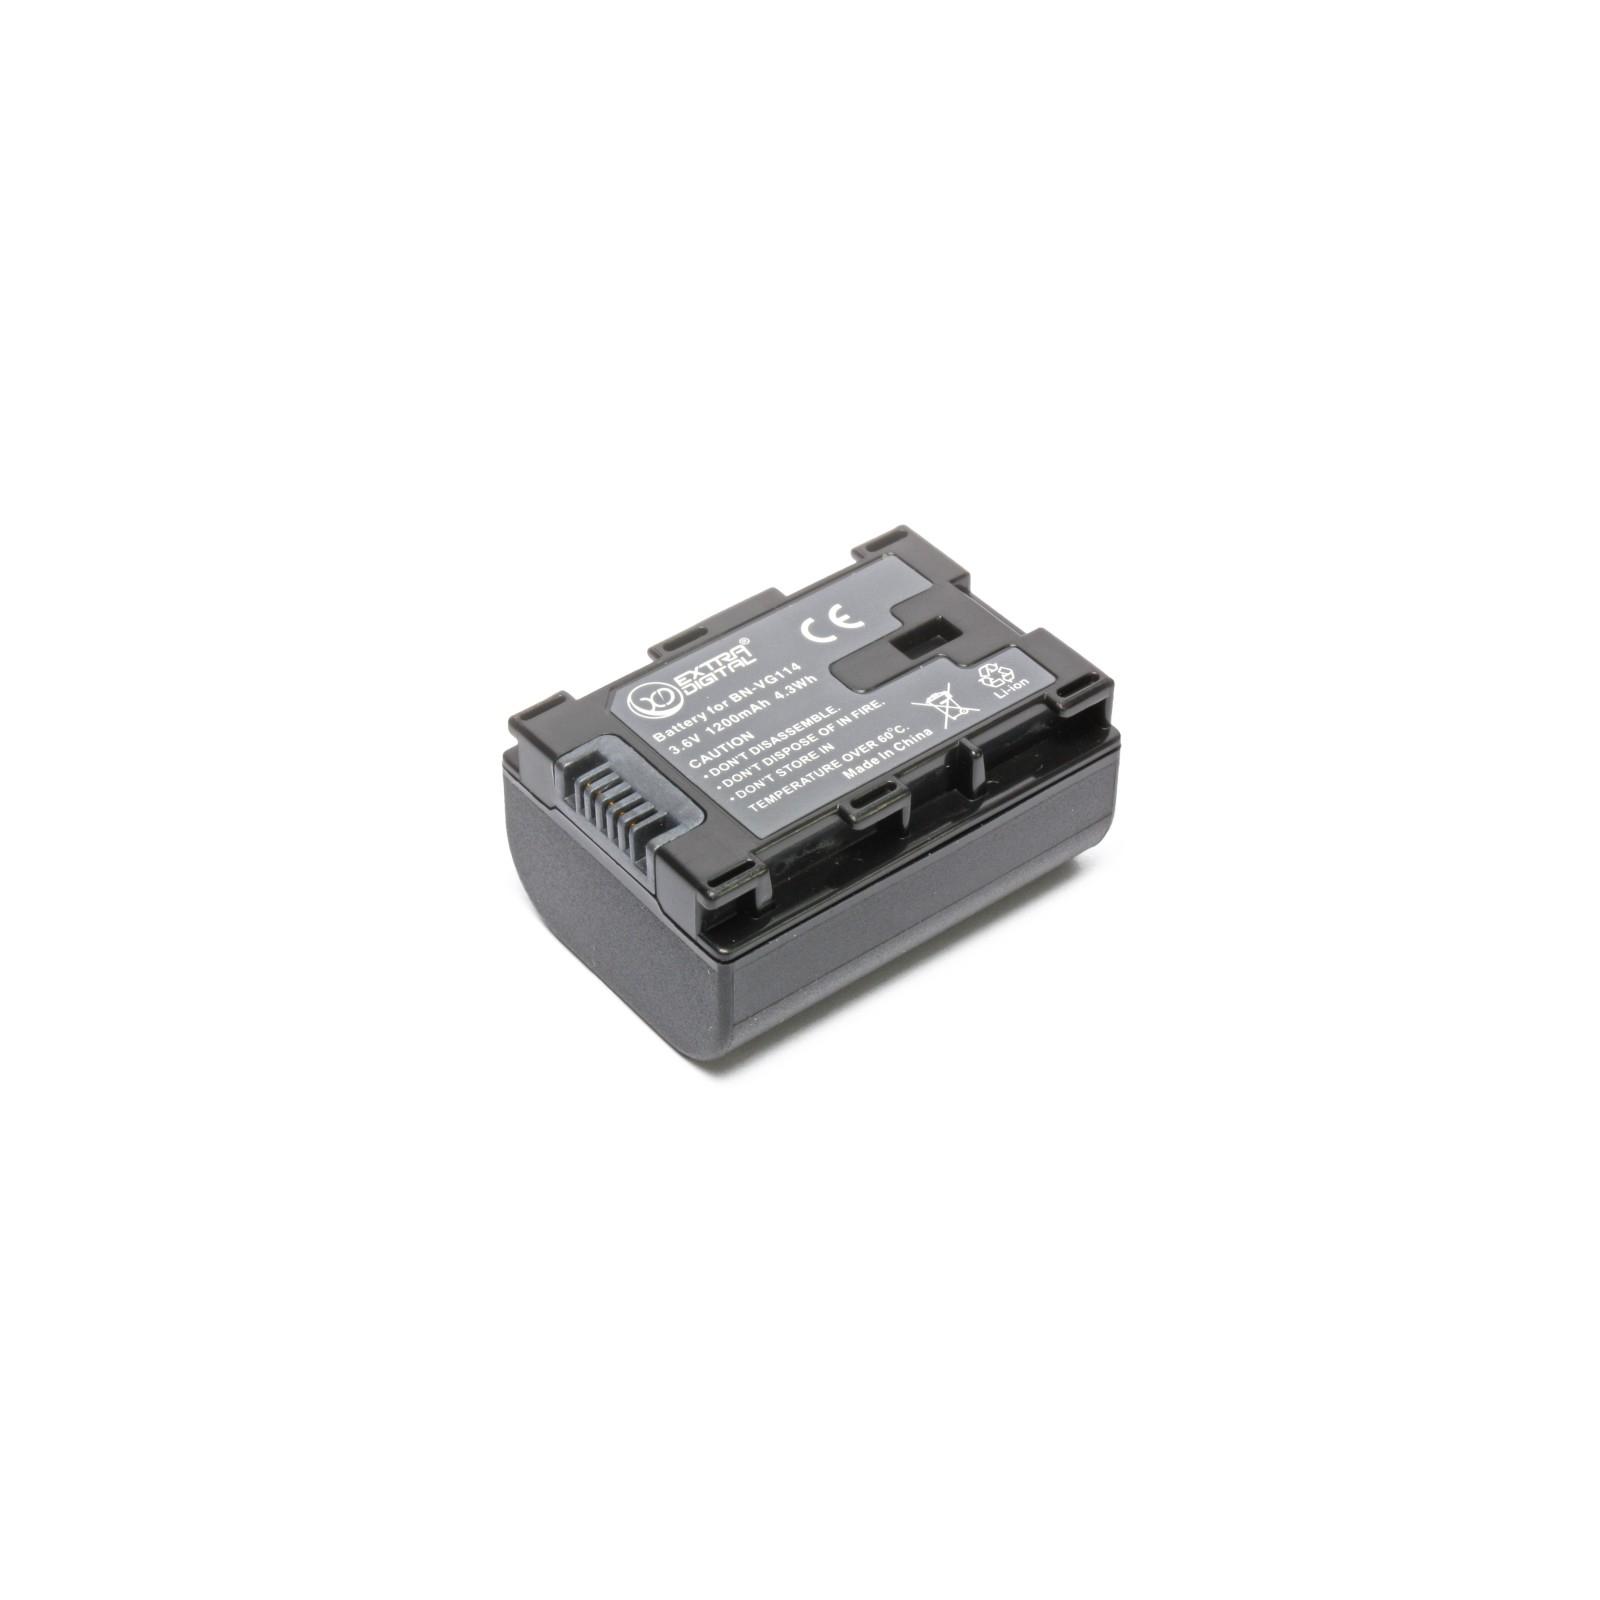 Аккумулятор к фото/видео EXTRADIGITAL JVC BN-VG114 (chip) (BDJ1310) изображение 4